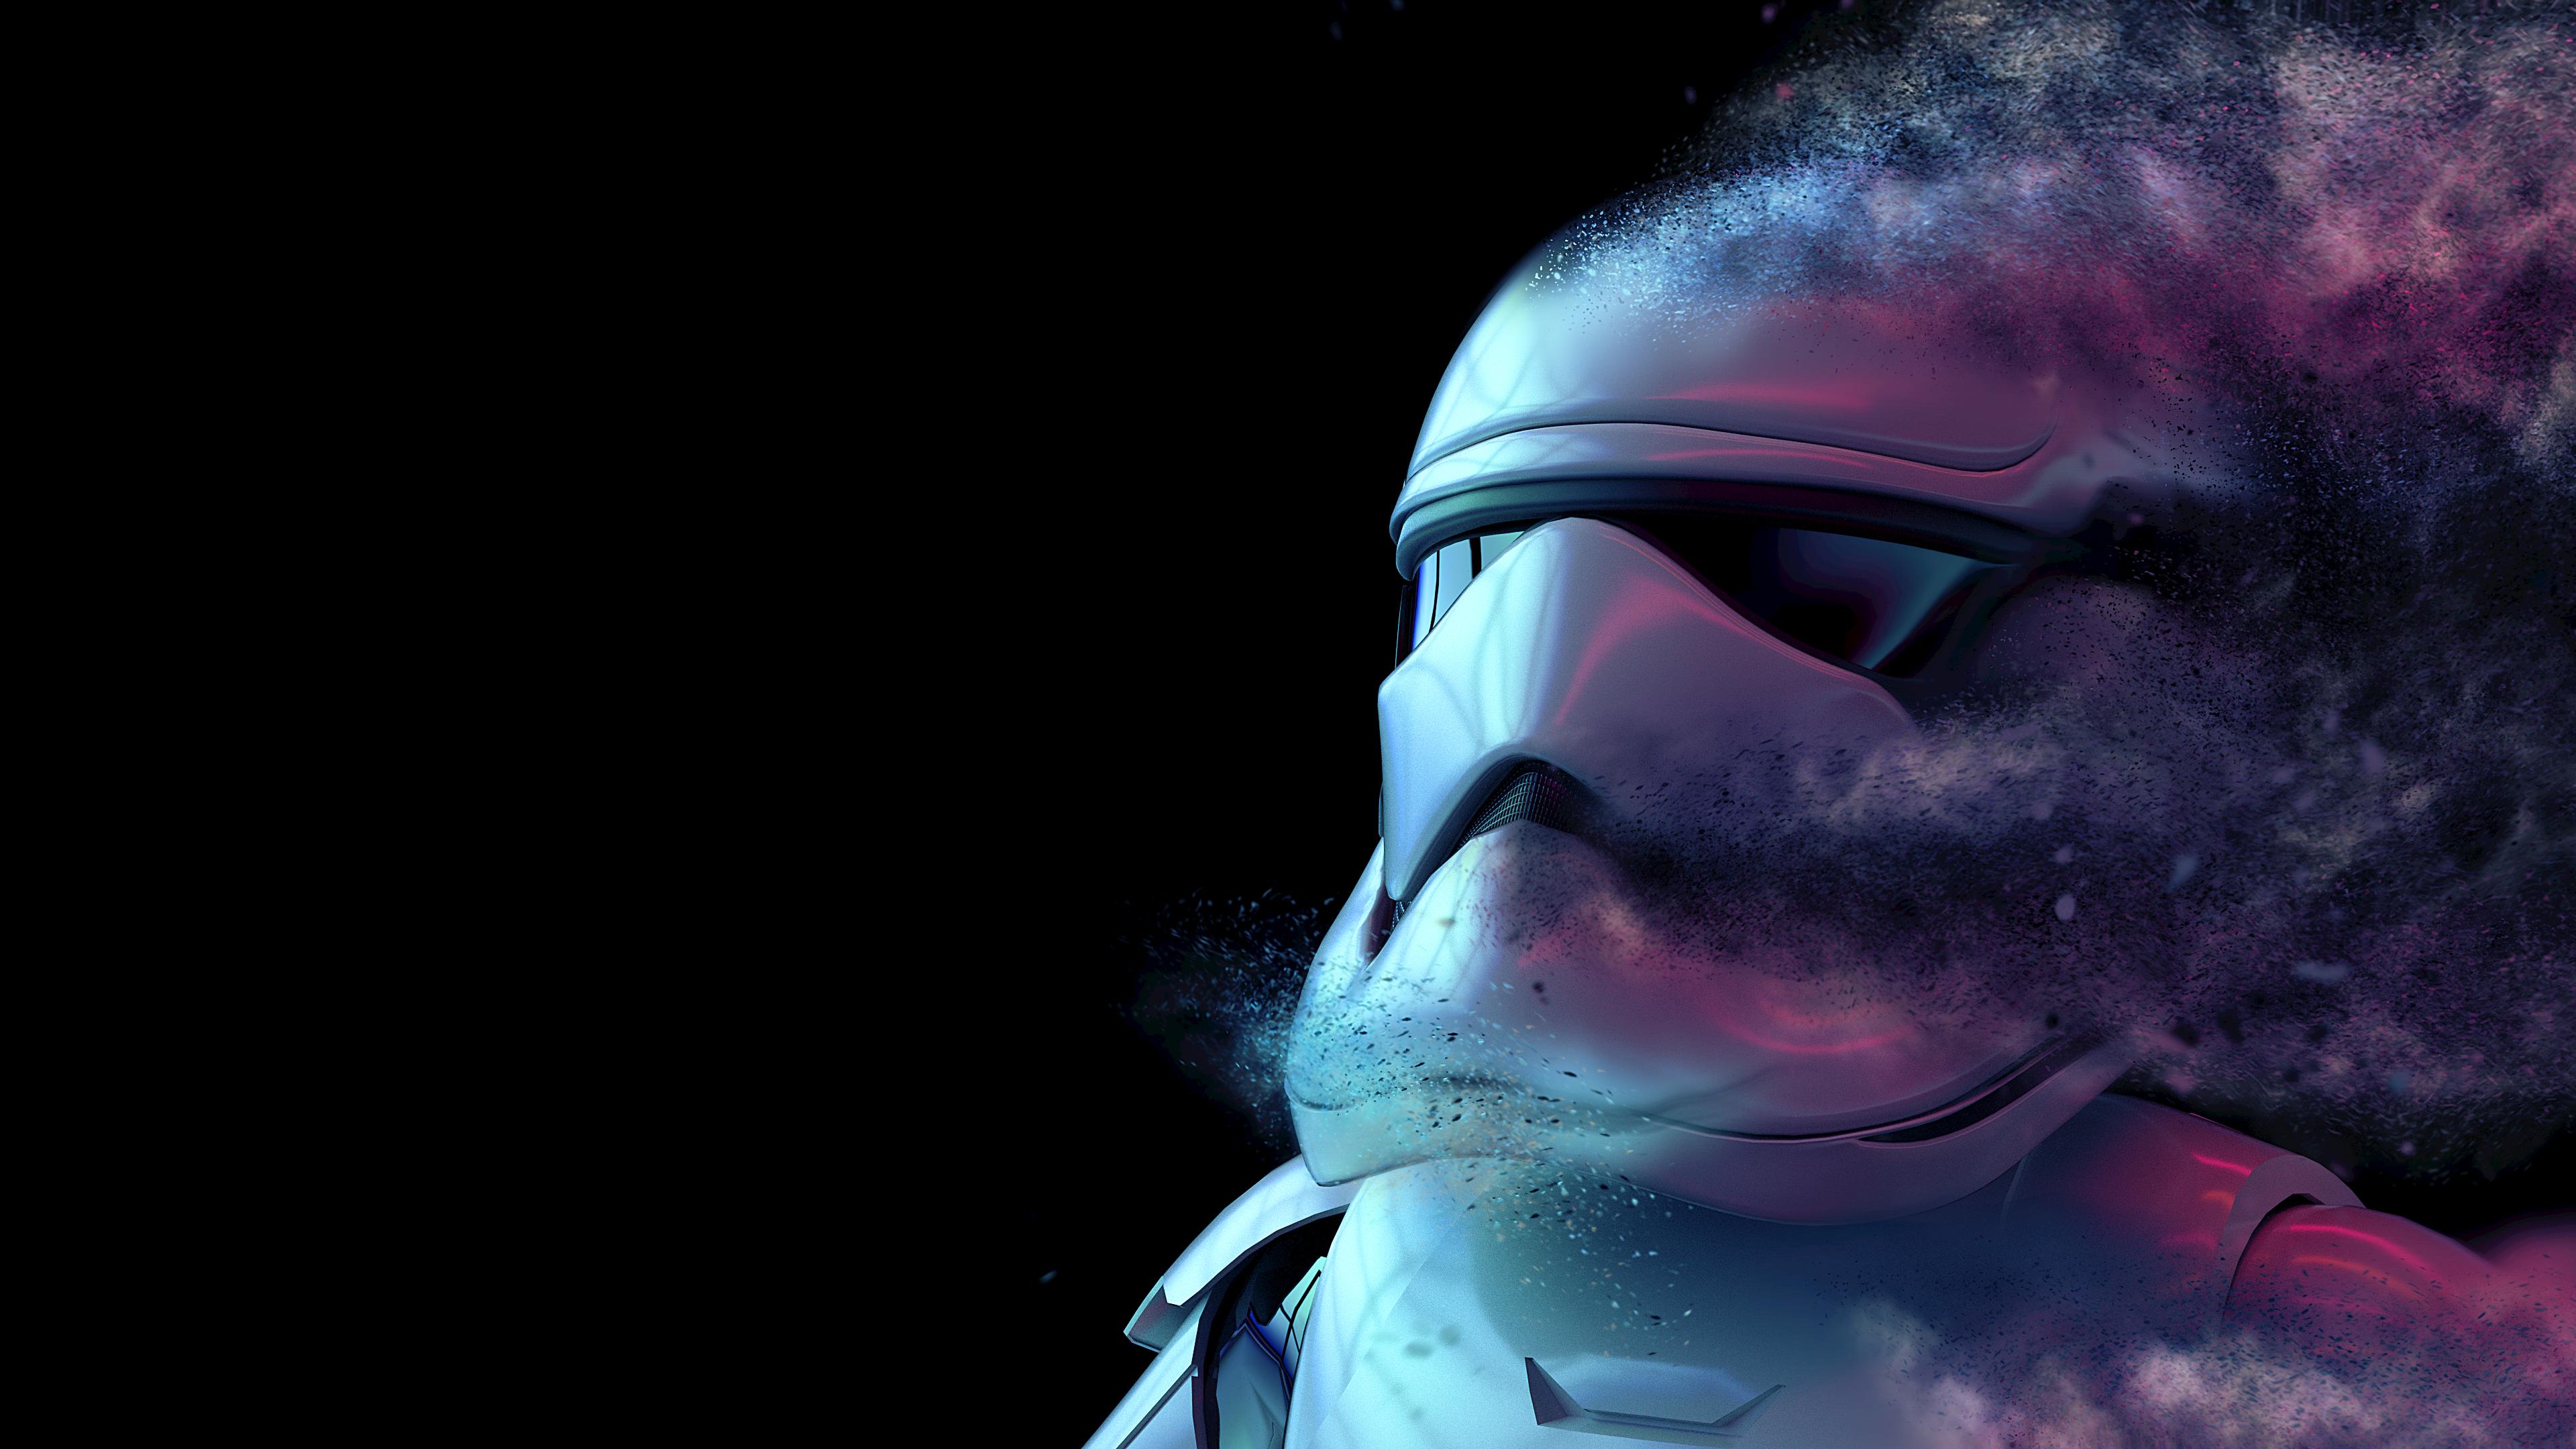 Stormtrooper Fondo De Pantalla 4k Ultra Hd Id3643